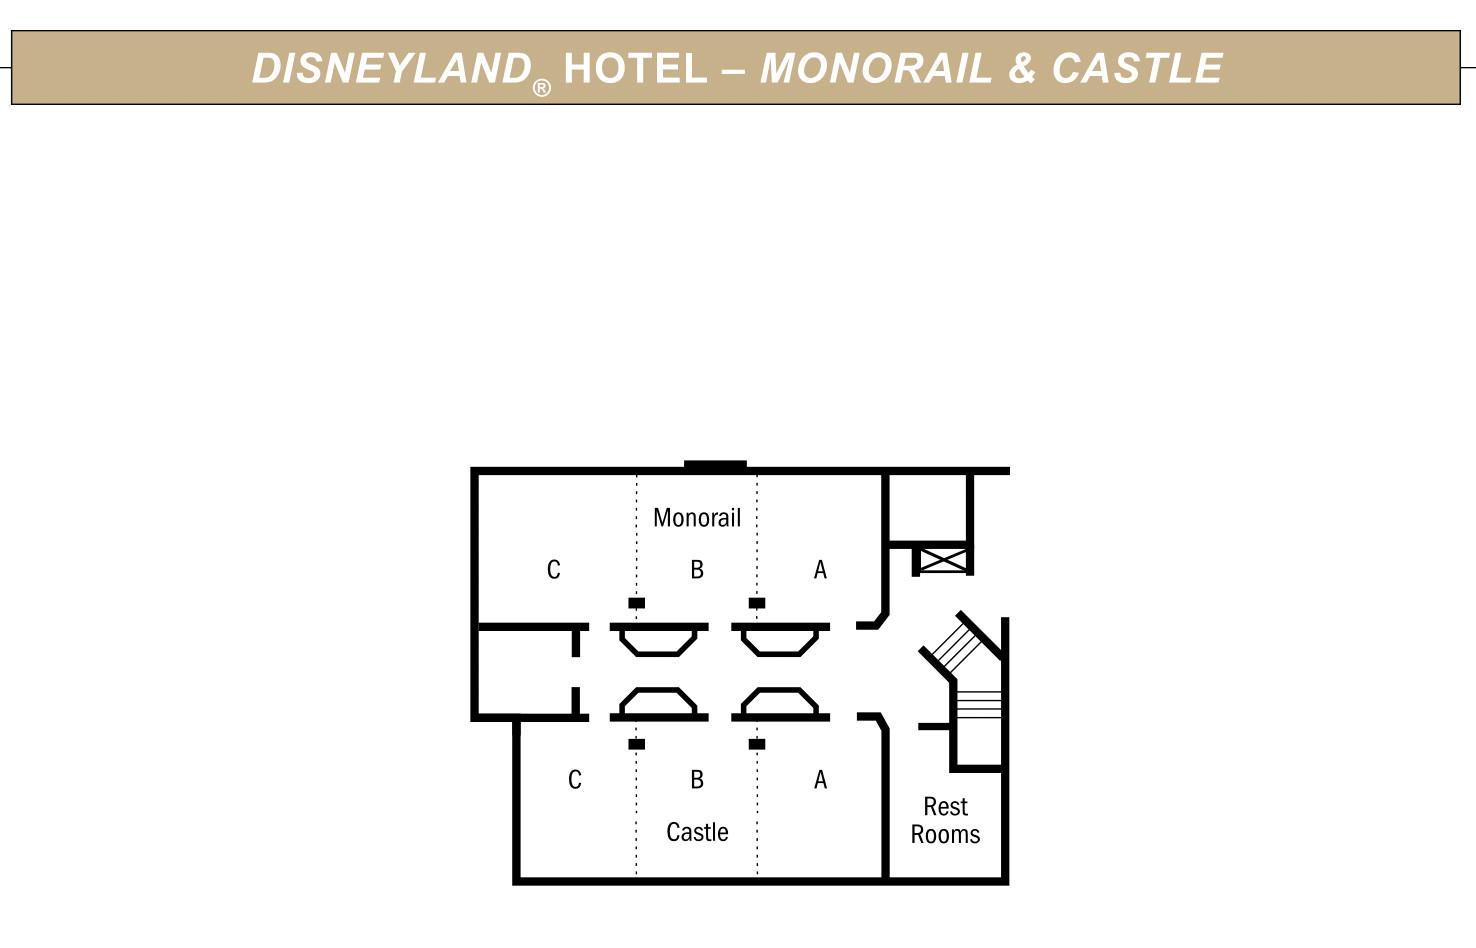 Disneyland_Hotel_Monorail_n_Cas_tle